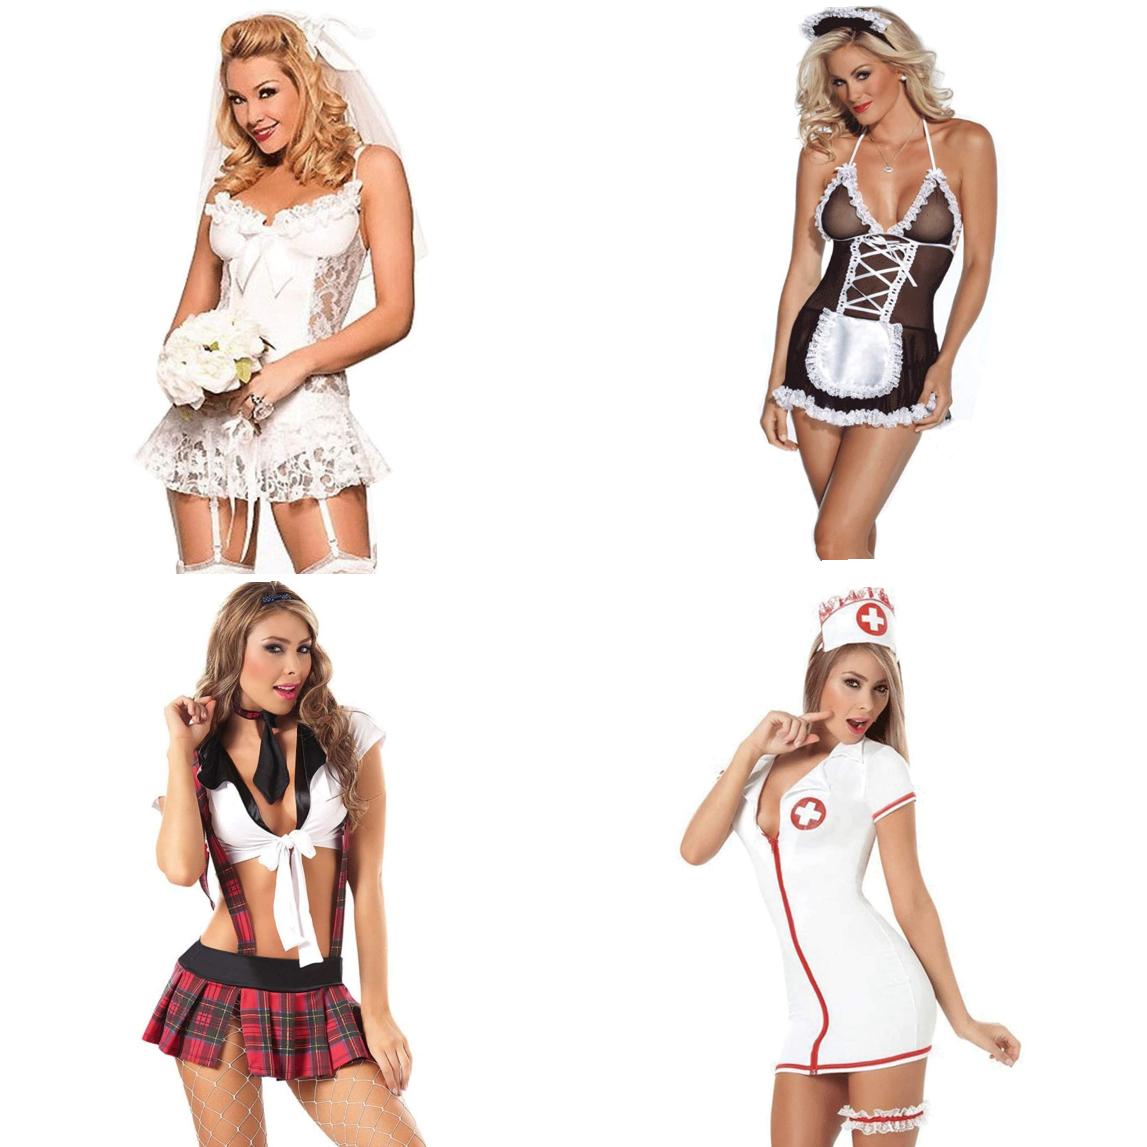 Lencería erótica para ellas - 4 modelos diferentes